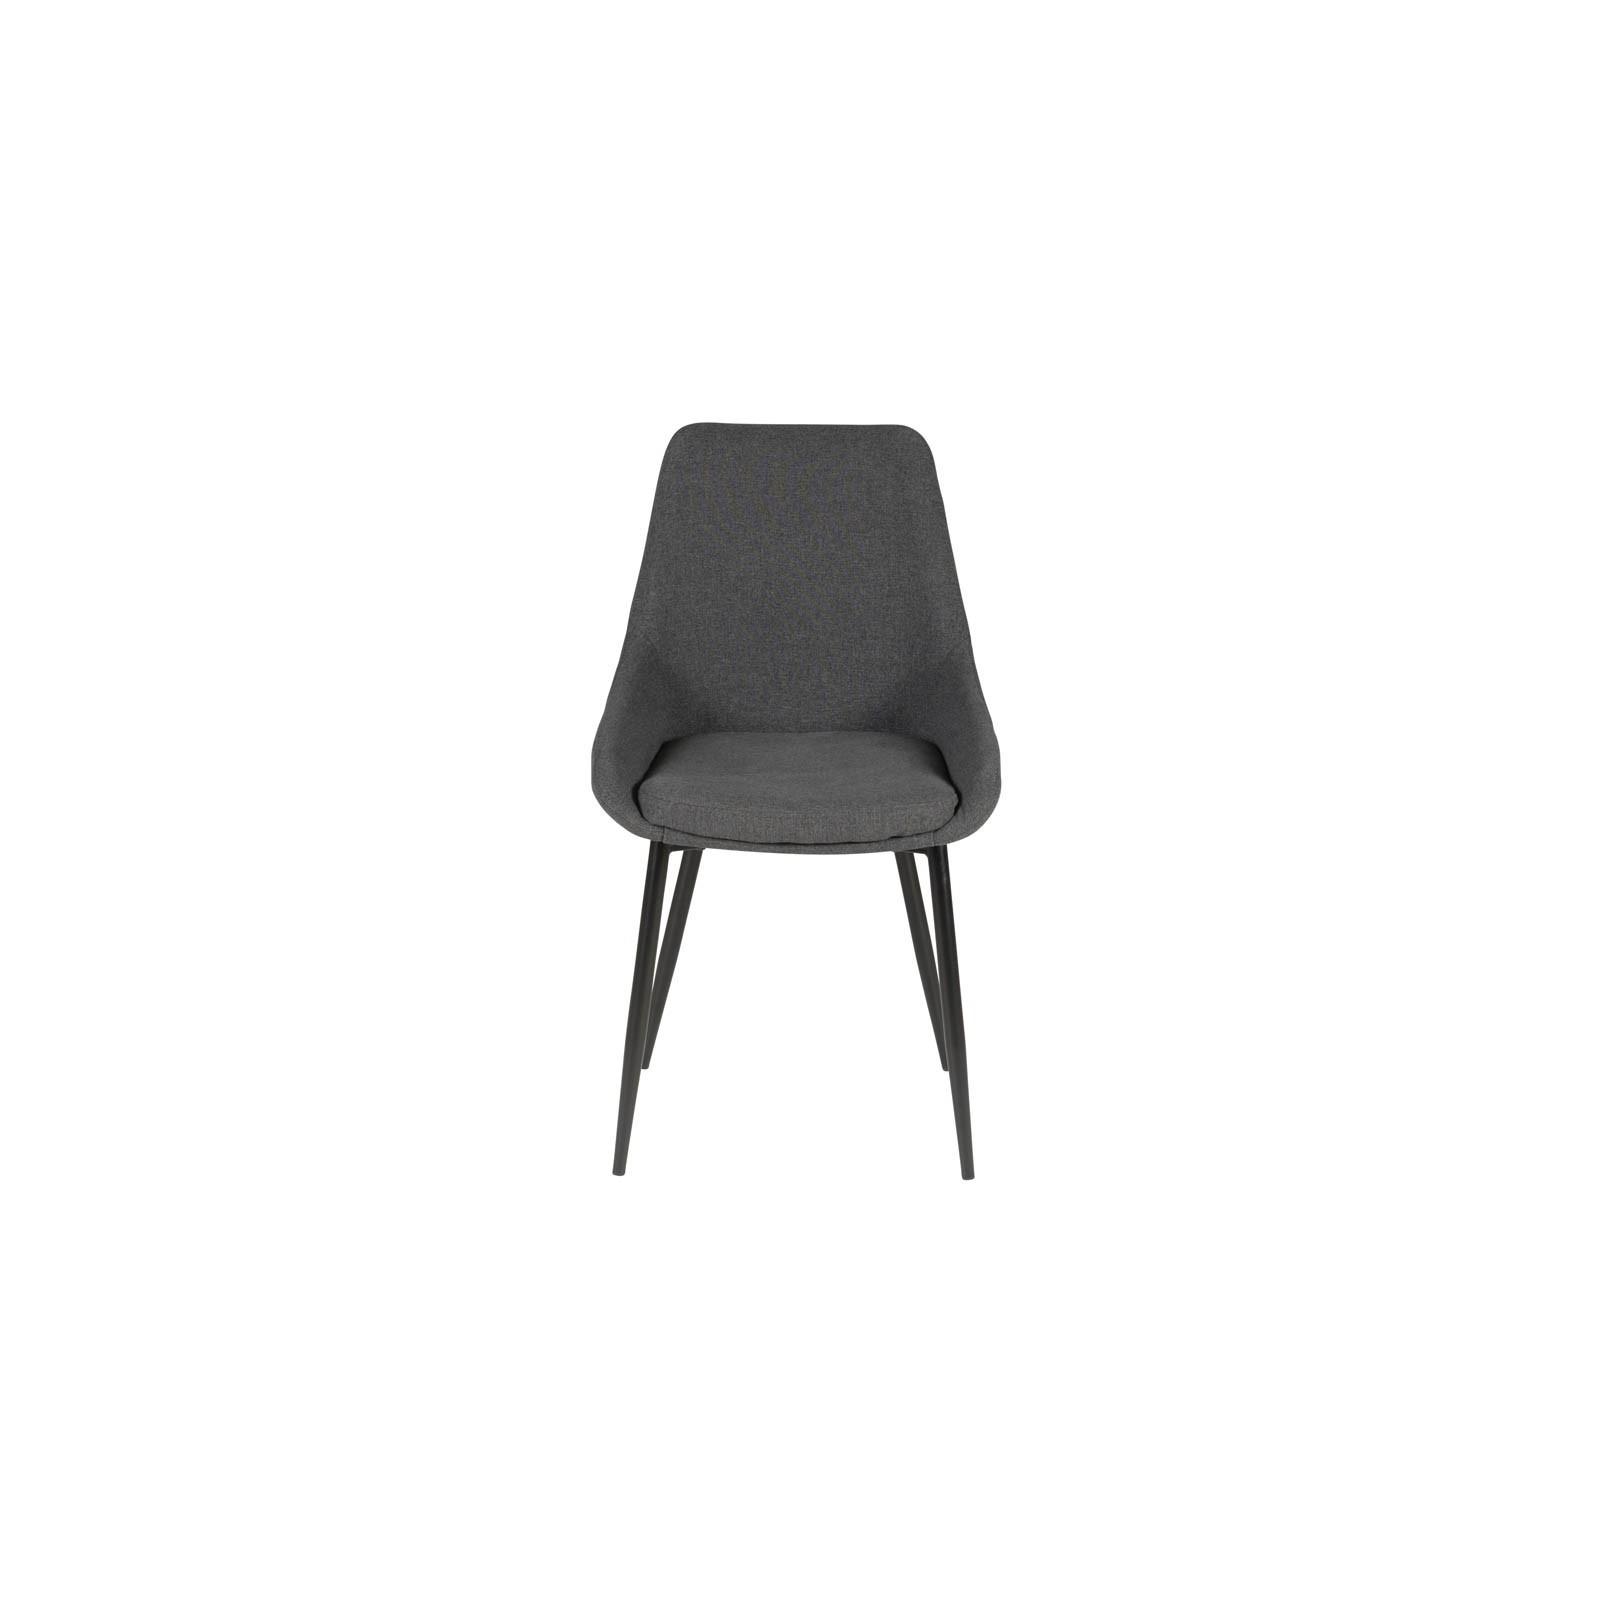 Chaise en tissu gris fonc haut de gamme bois et chiffons Chaise en tissu gris